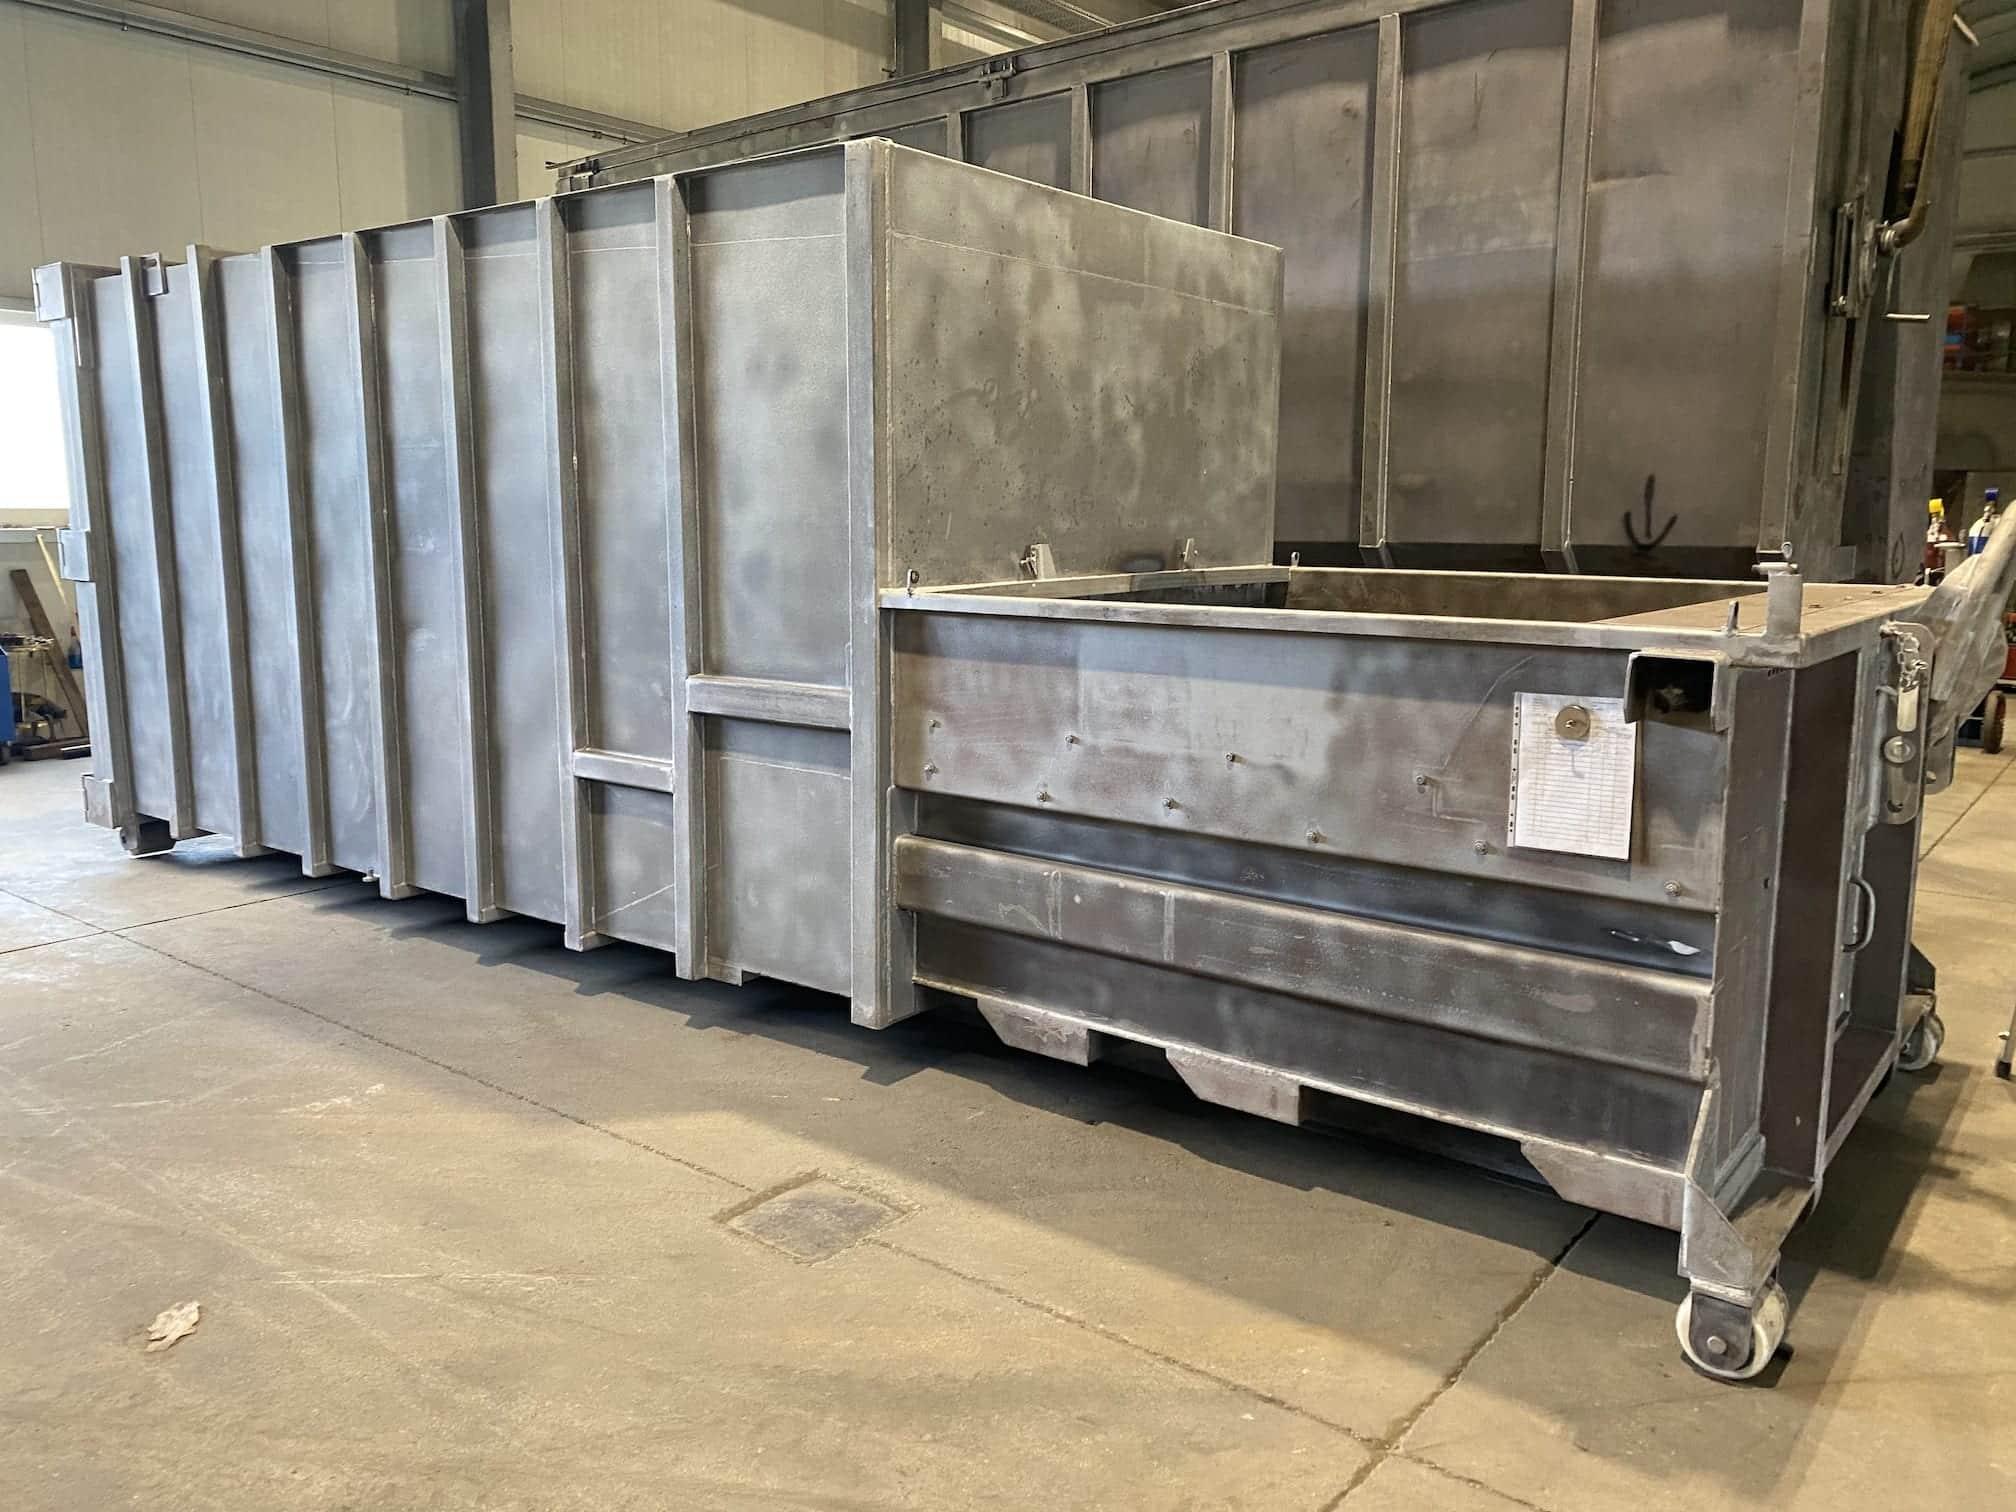 gestrahlter Presscontainer - Sandstrahlen von Presscontainern, Silos, Wechselbrücken und Stahlbauteilen